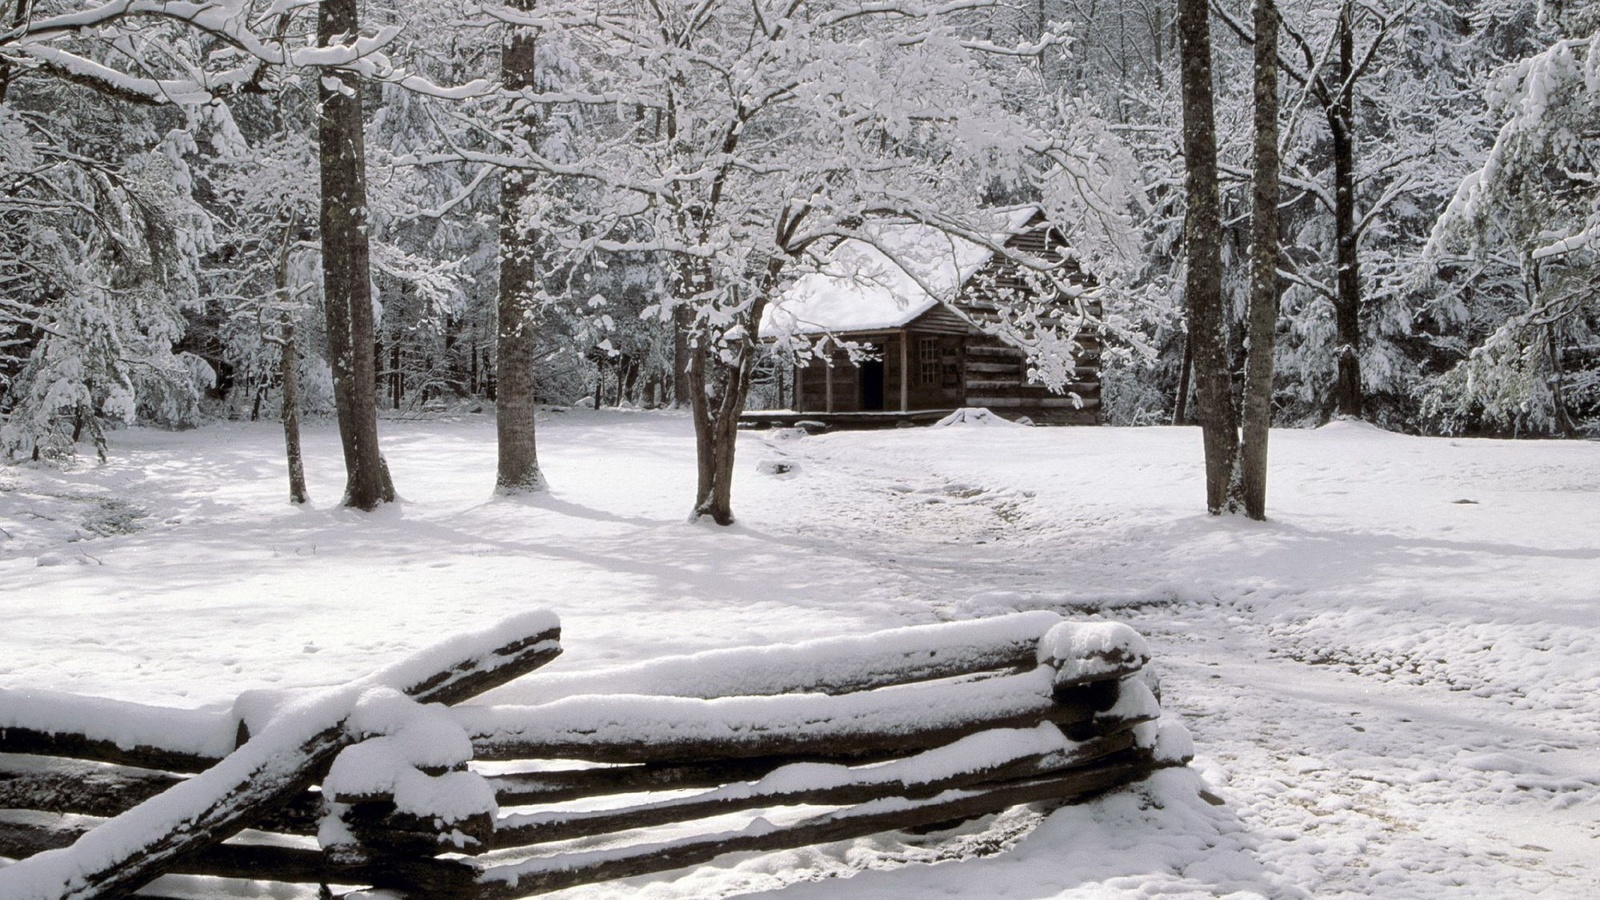 снег, домик на опушке, снег вокруг, зима, снег, горы, голубой, синий, лес, деревья, природа, берег, атмосфера, ель, елка, зима, снег, горы, голубой, синий, лес, деревья, природа, берег, атмосфера, ель, елка